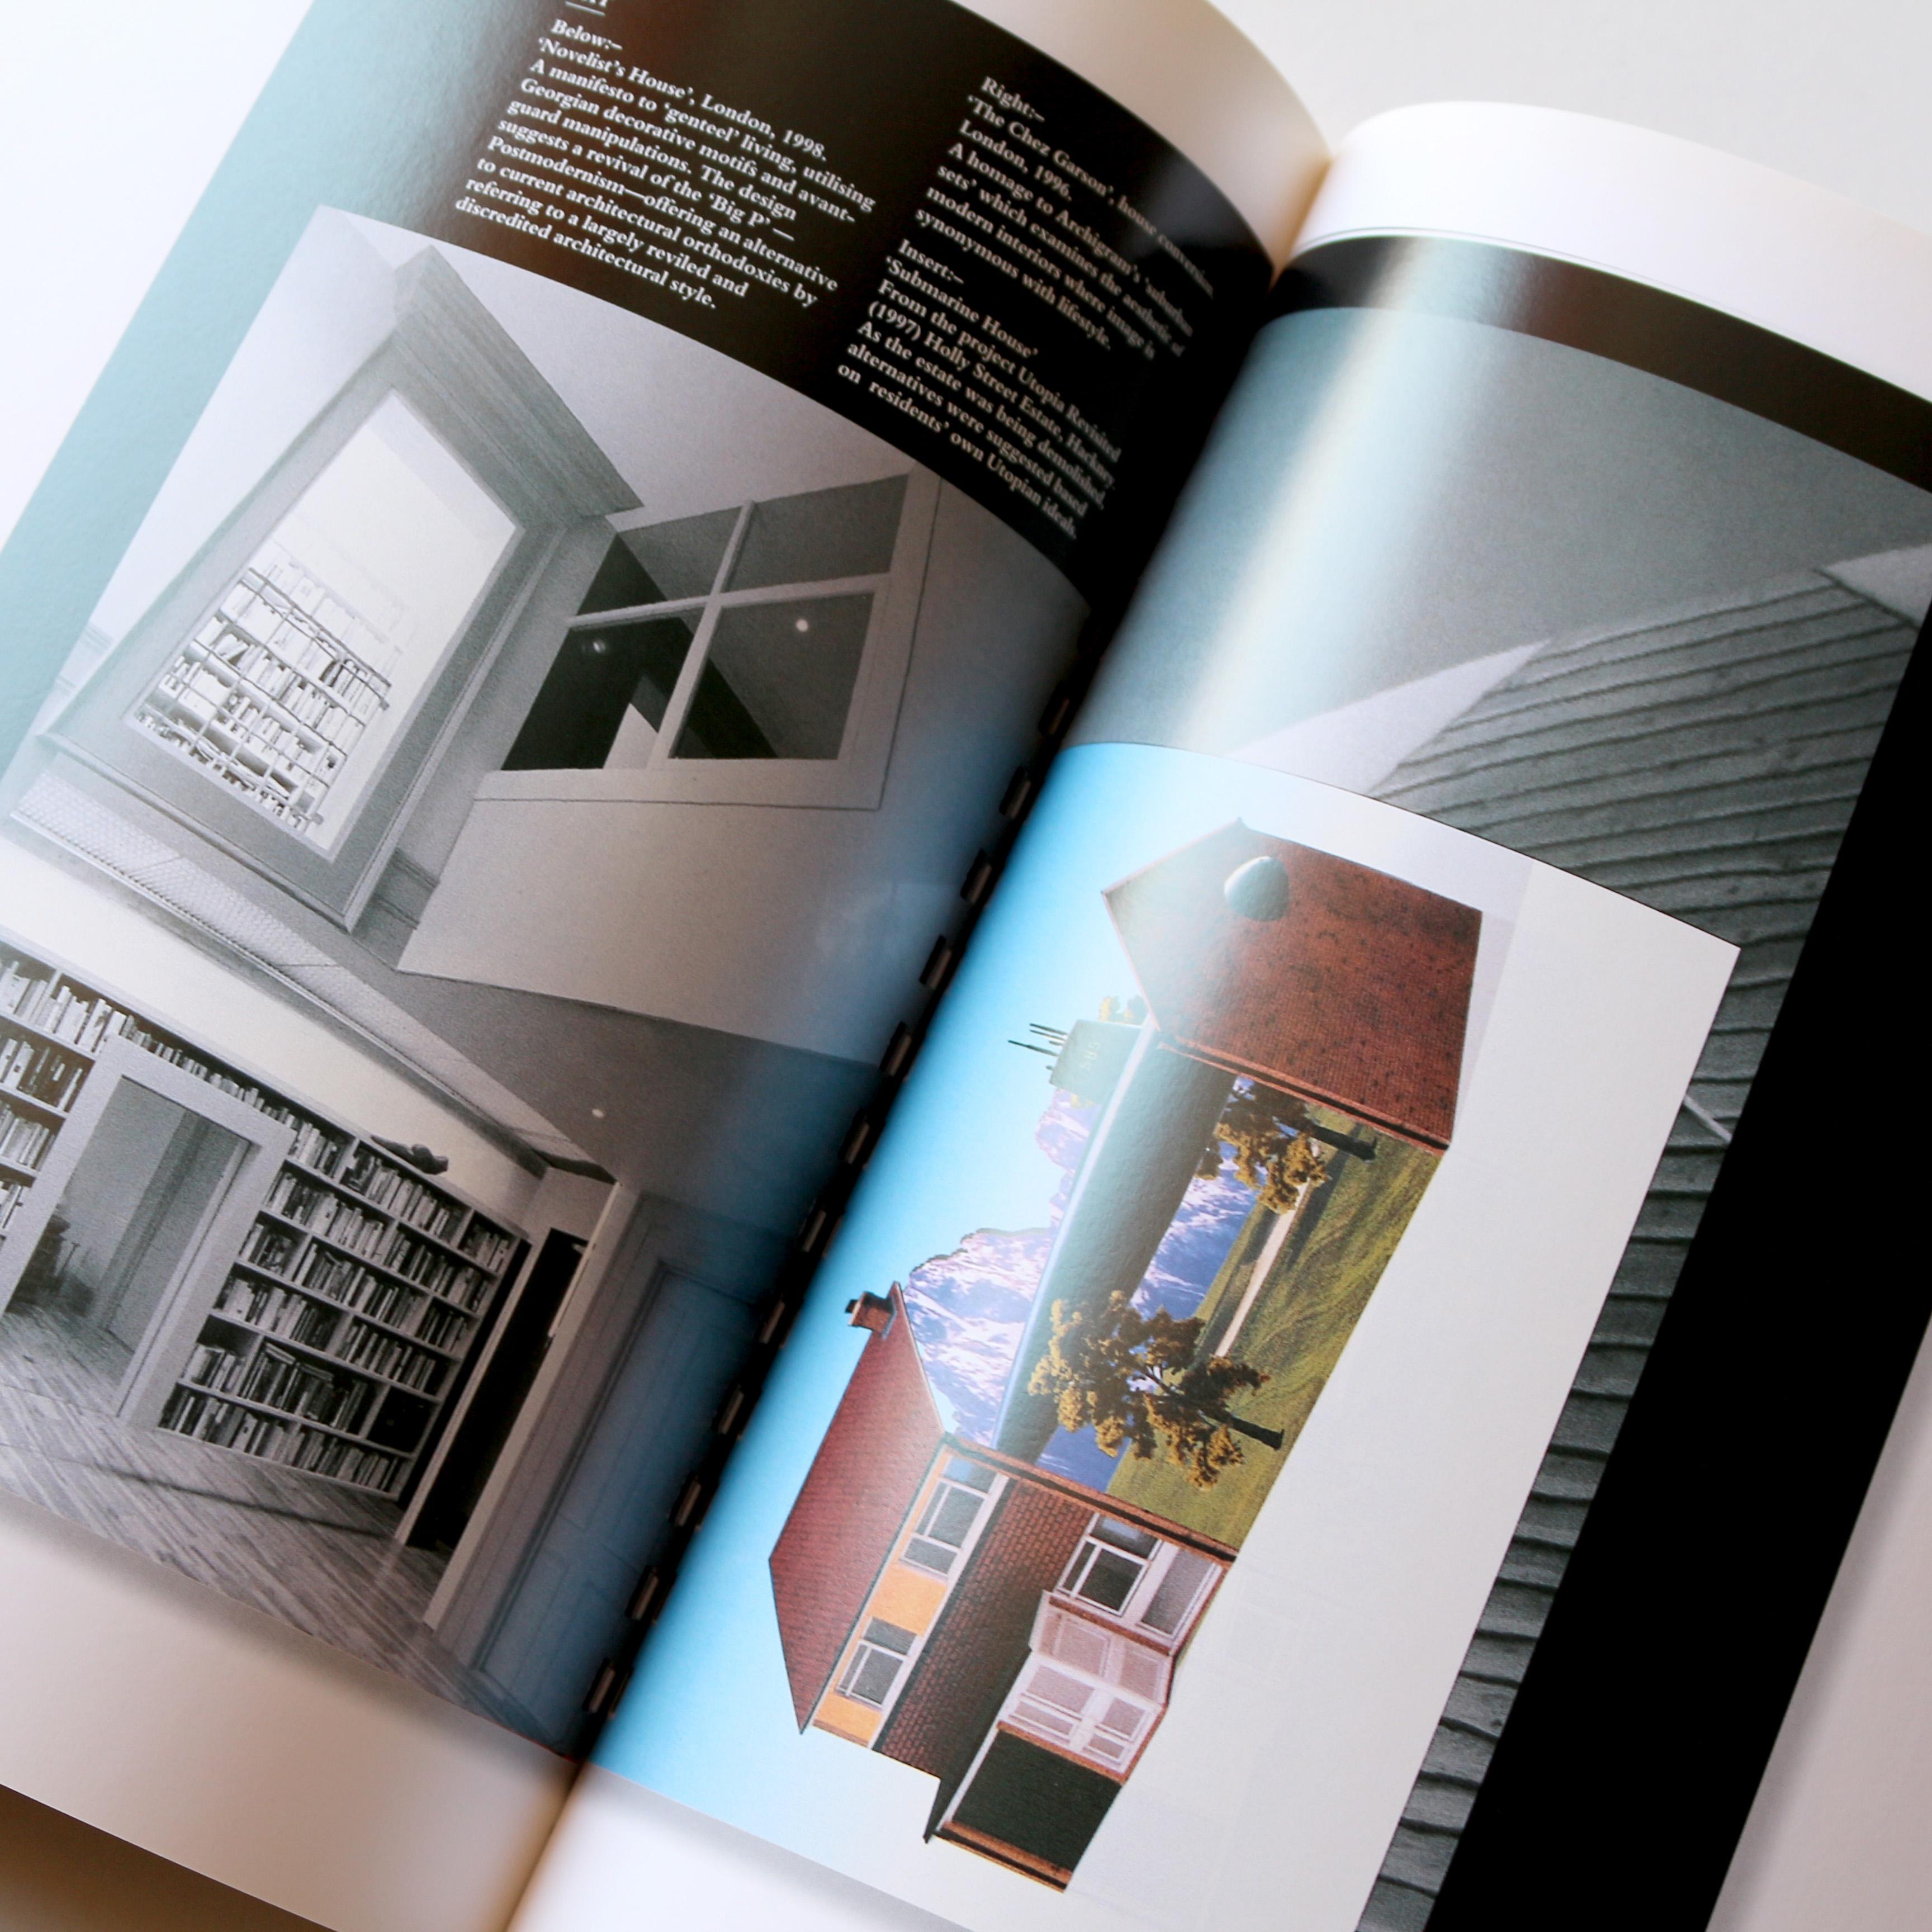 Experimental layout design fundamentals - Fundamentals of interior design ...